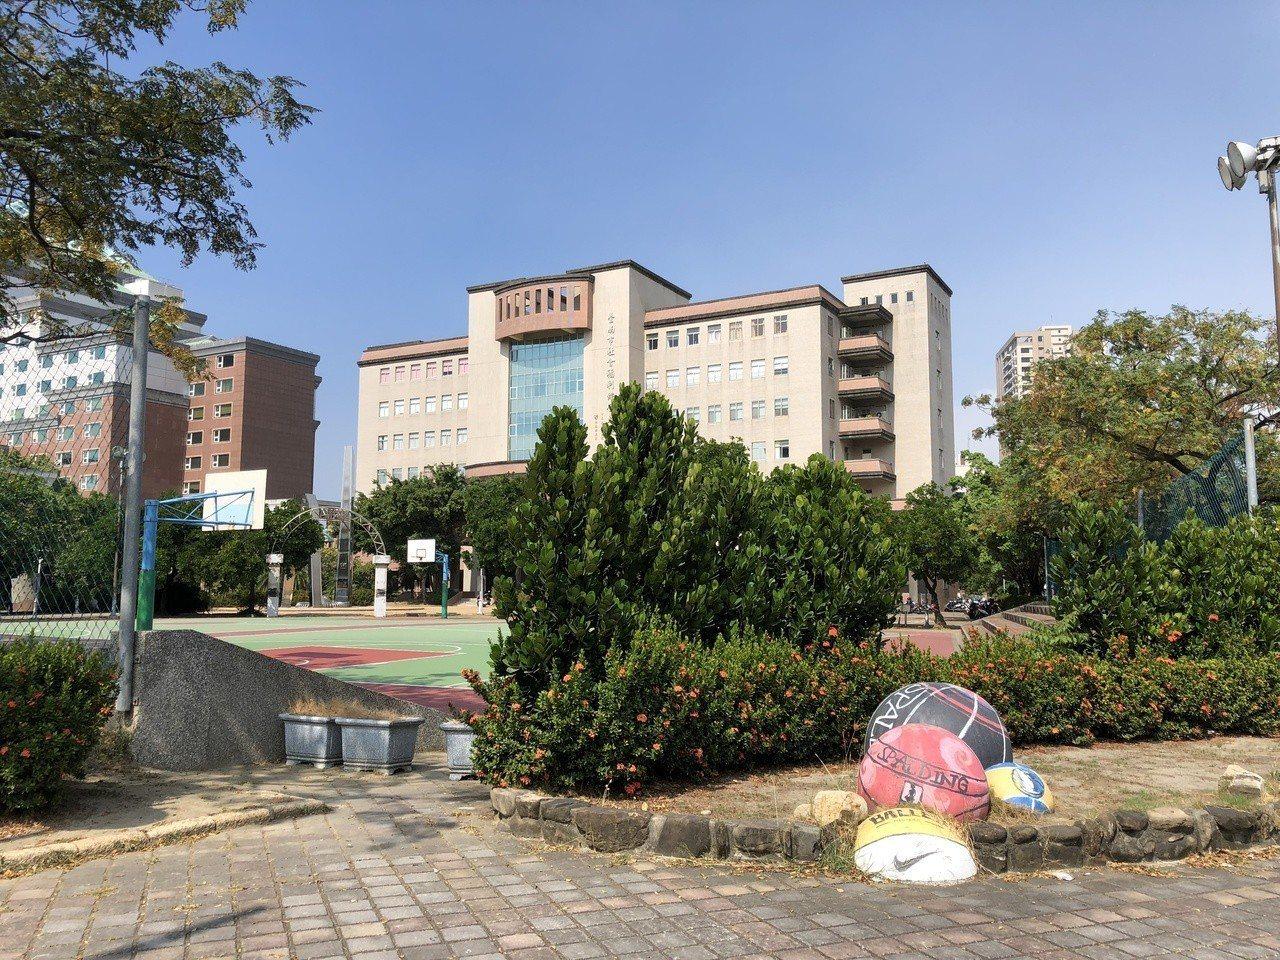 陳去年在台南市府旁籃球場打球,傳球不慎致女機車騎士犁田受傷,法官處拘役30日,仍...